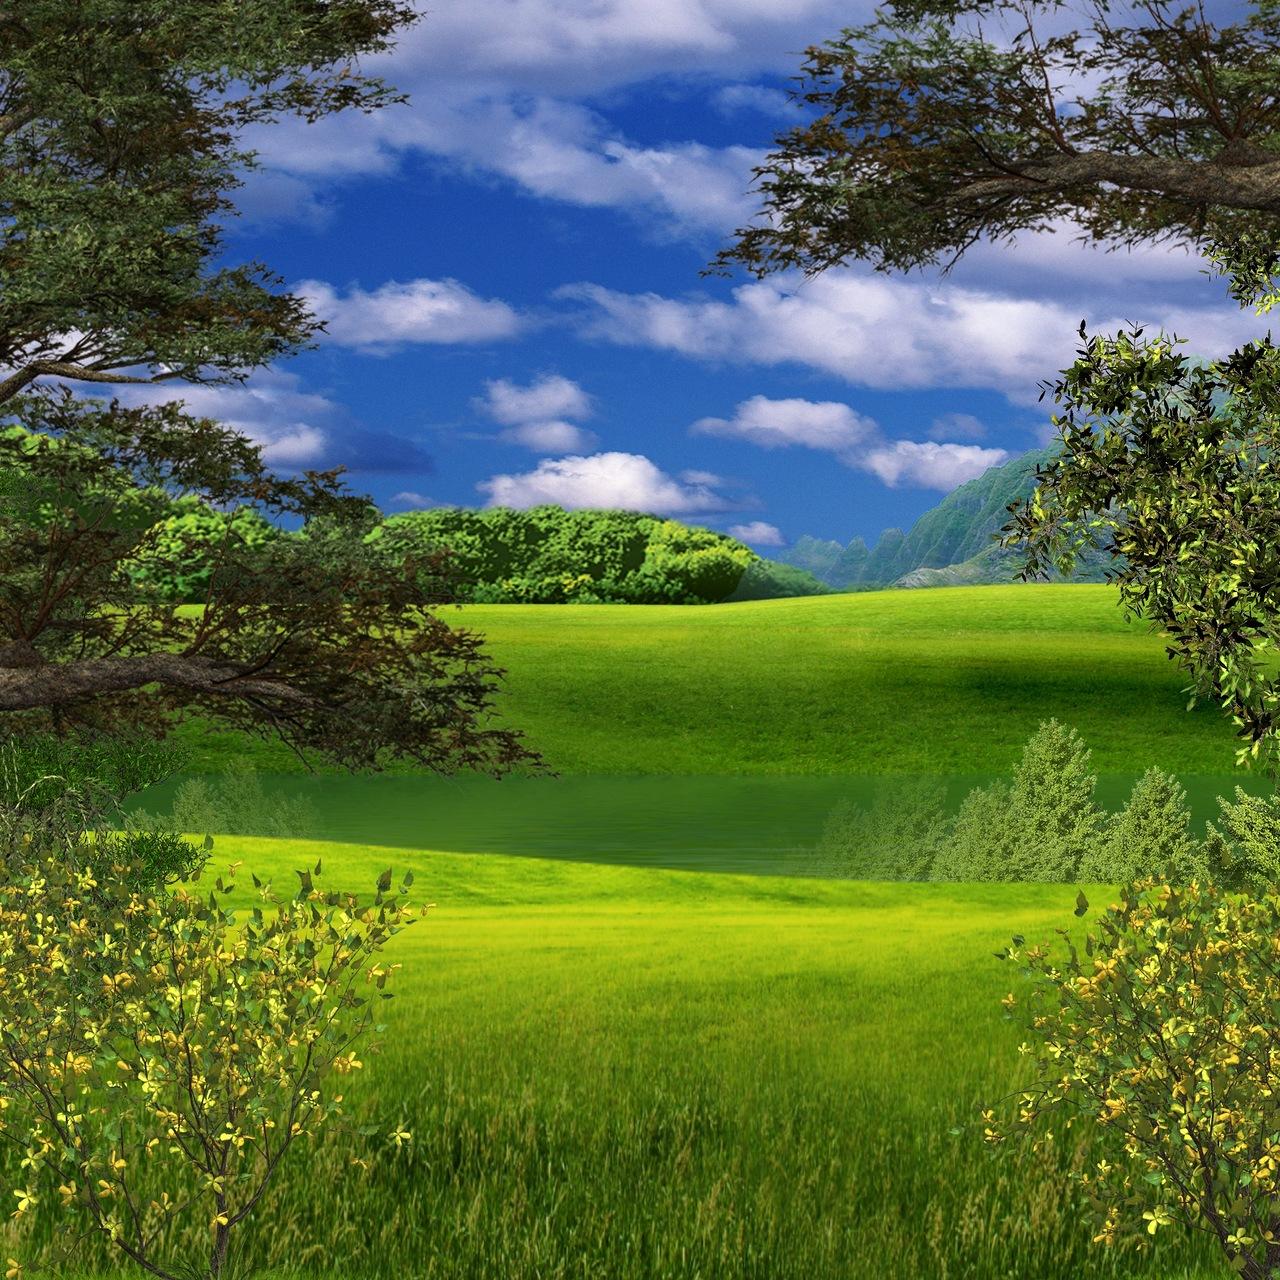 Download 460 Koleksi Background Pemandangan Images HD Terbaru